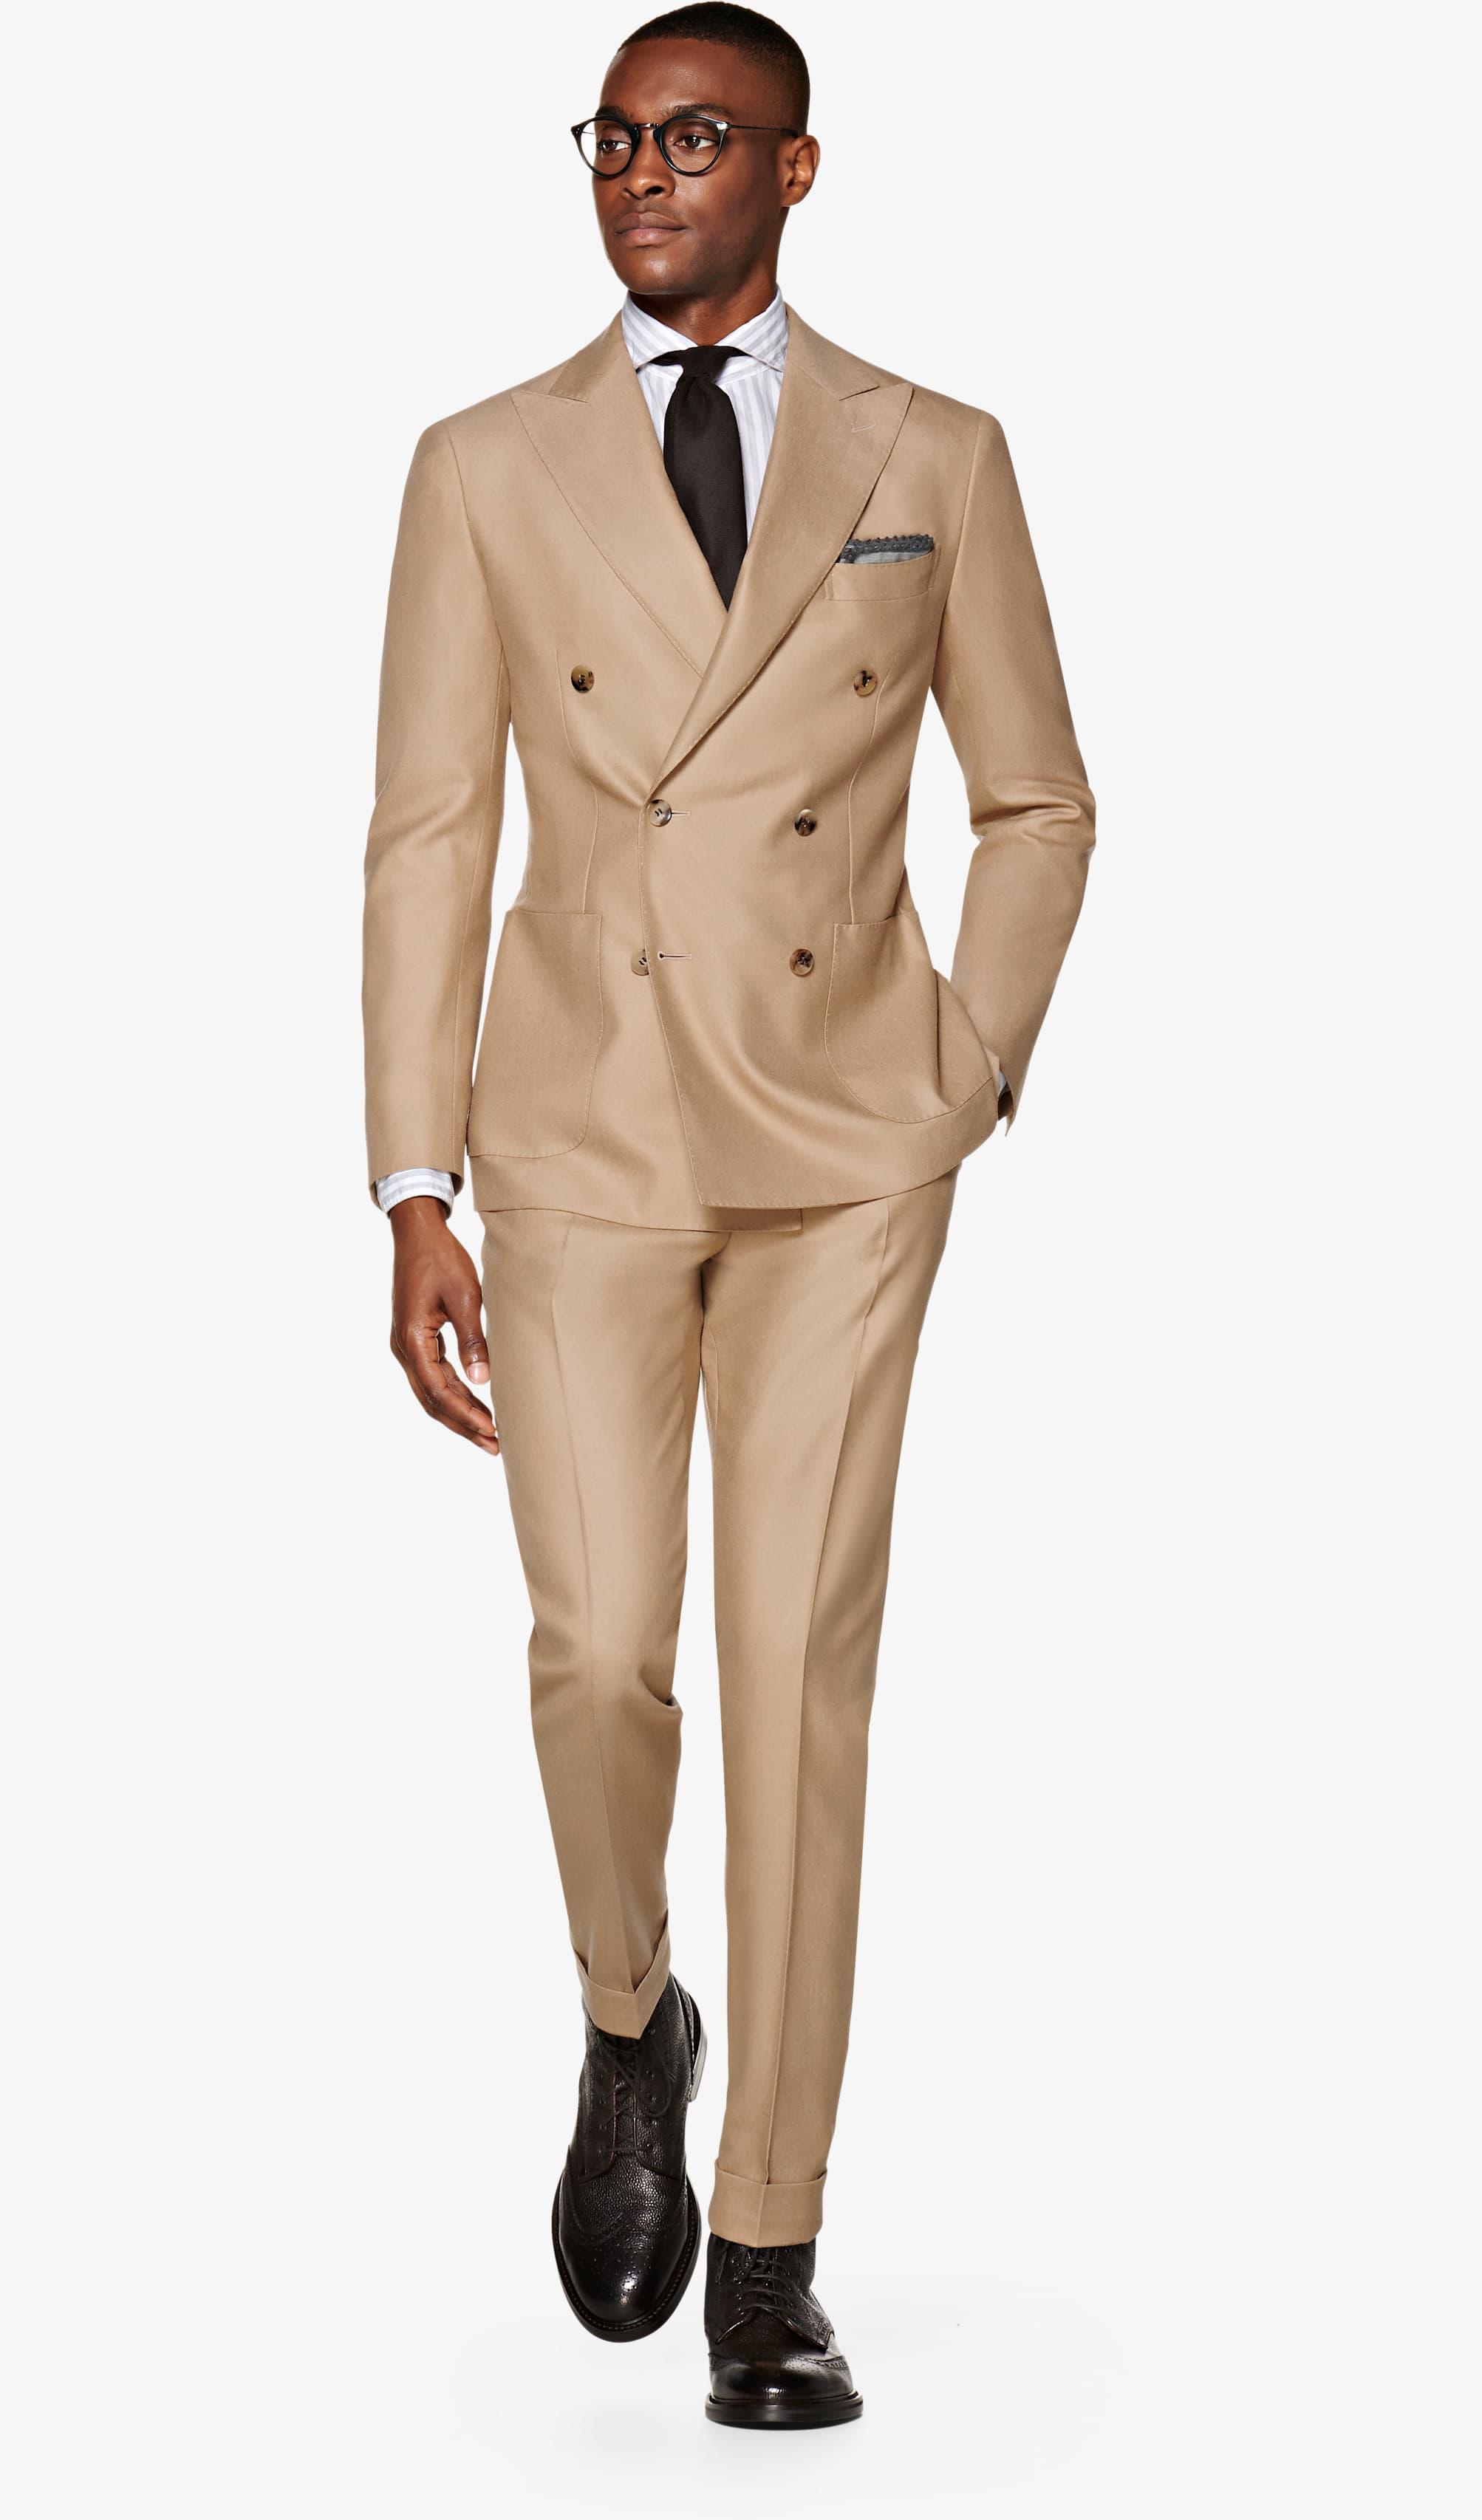 Suit_Light_Brown_Plain_Havana_P5557I